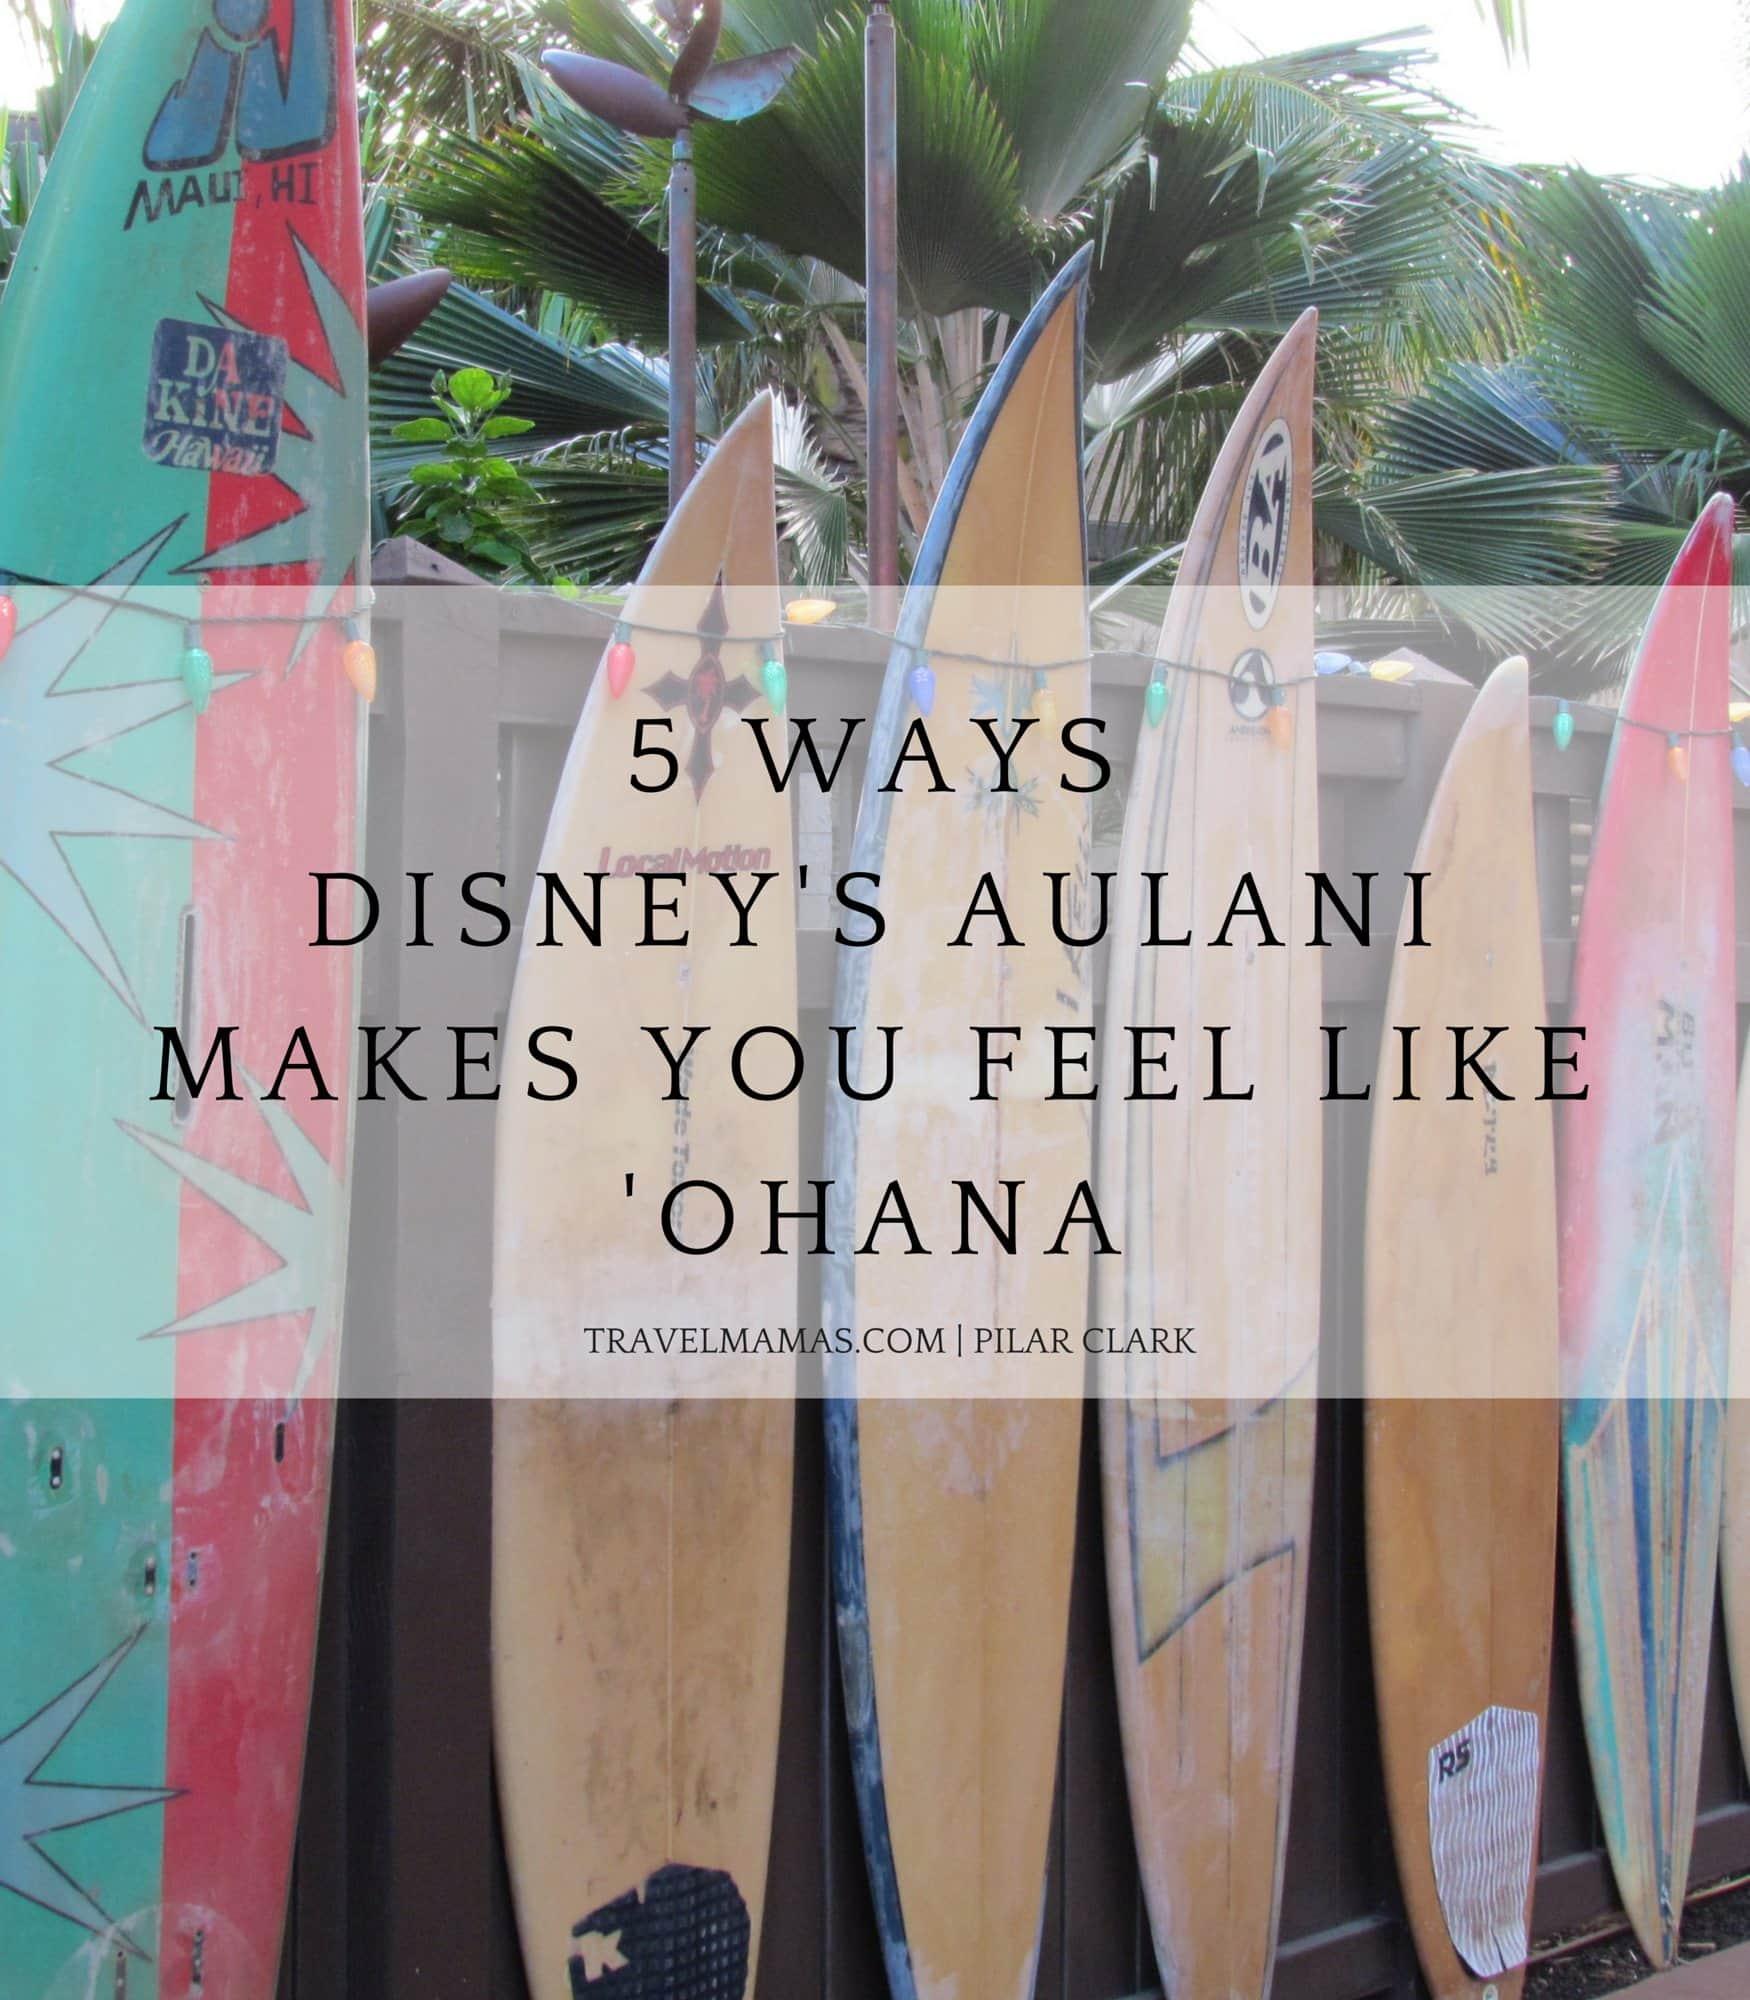 5 Ways Disney's Aulani Makes You Feel Like 'Ohana